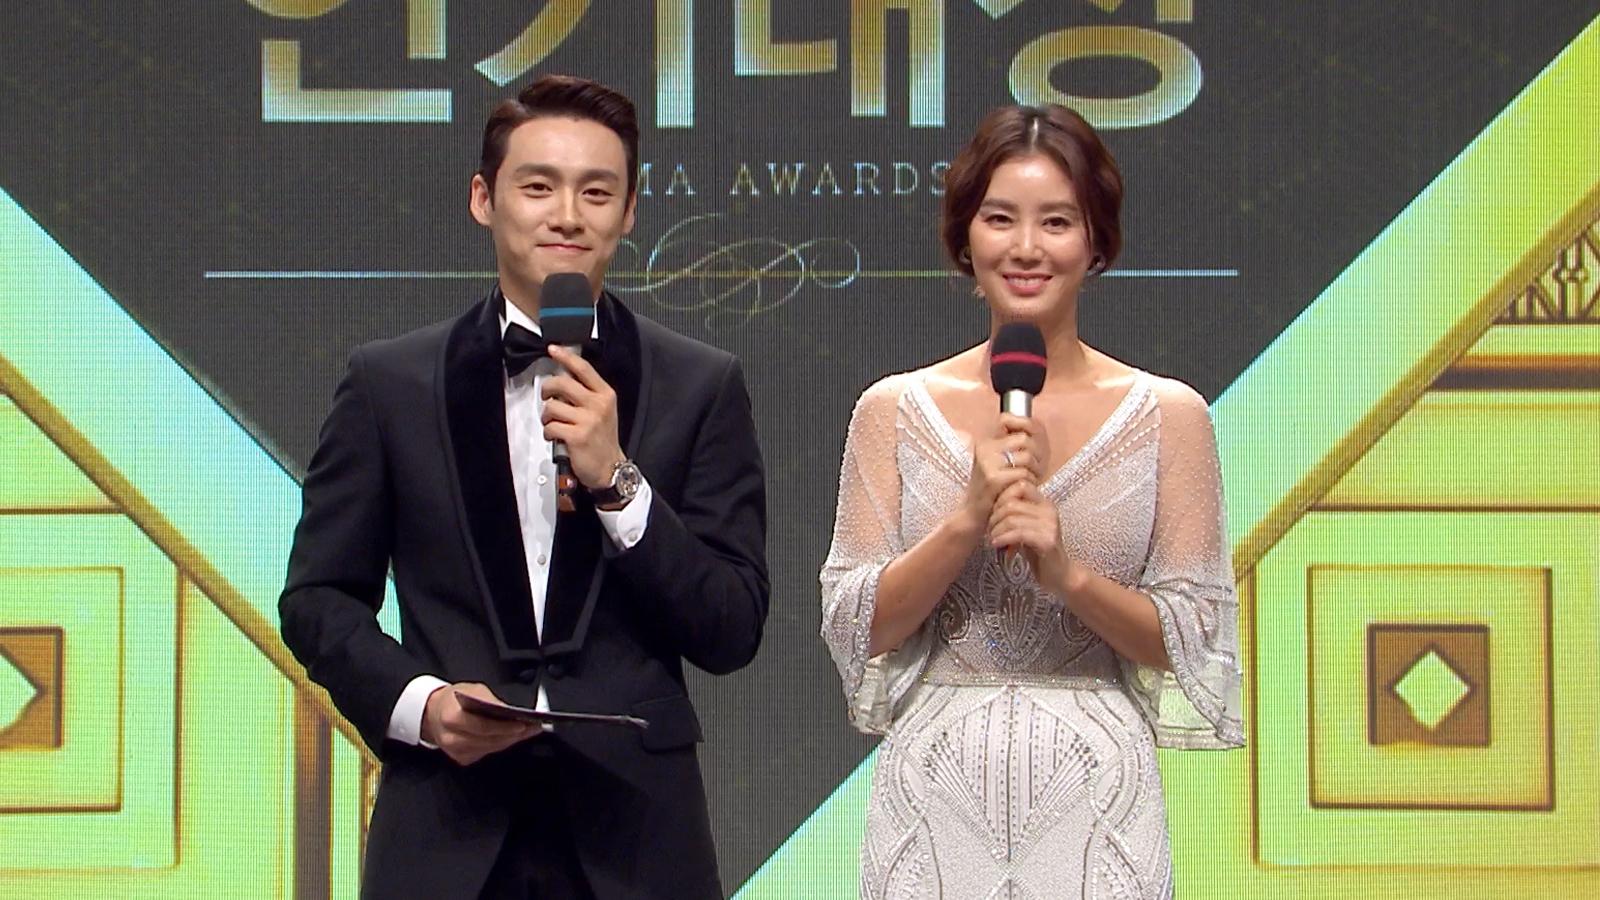 2017 MBC Drama Awards Episode 1